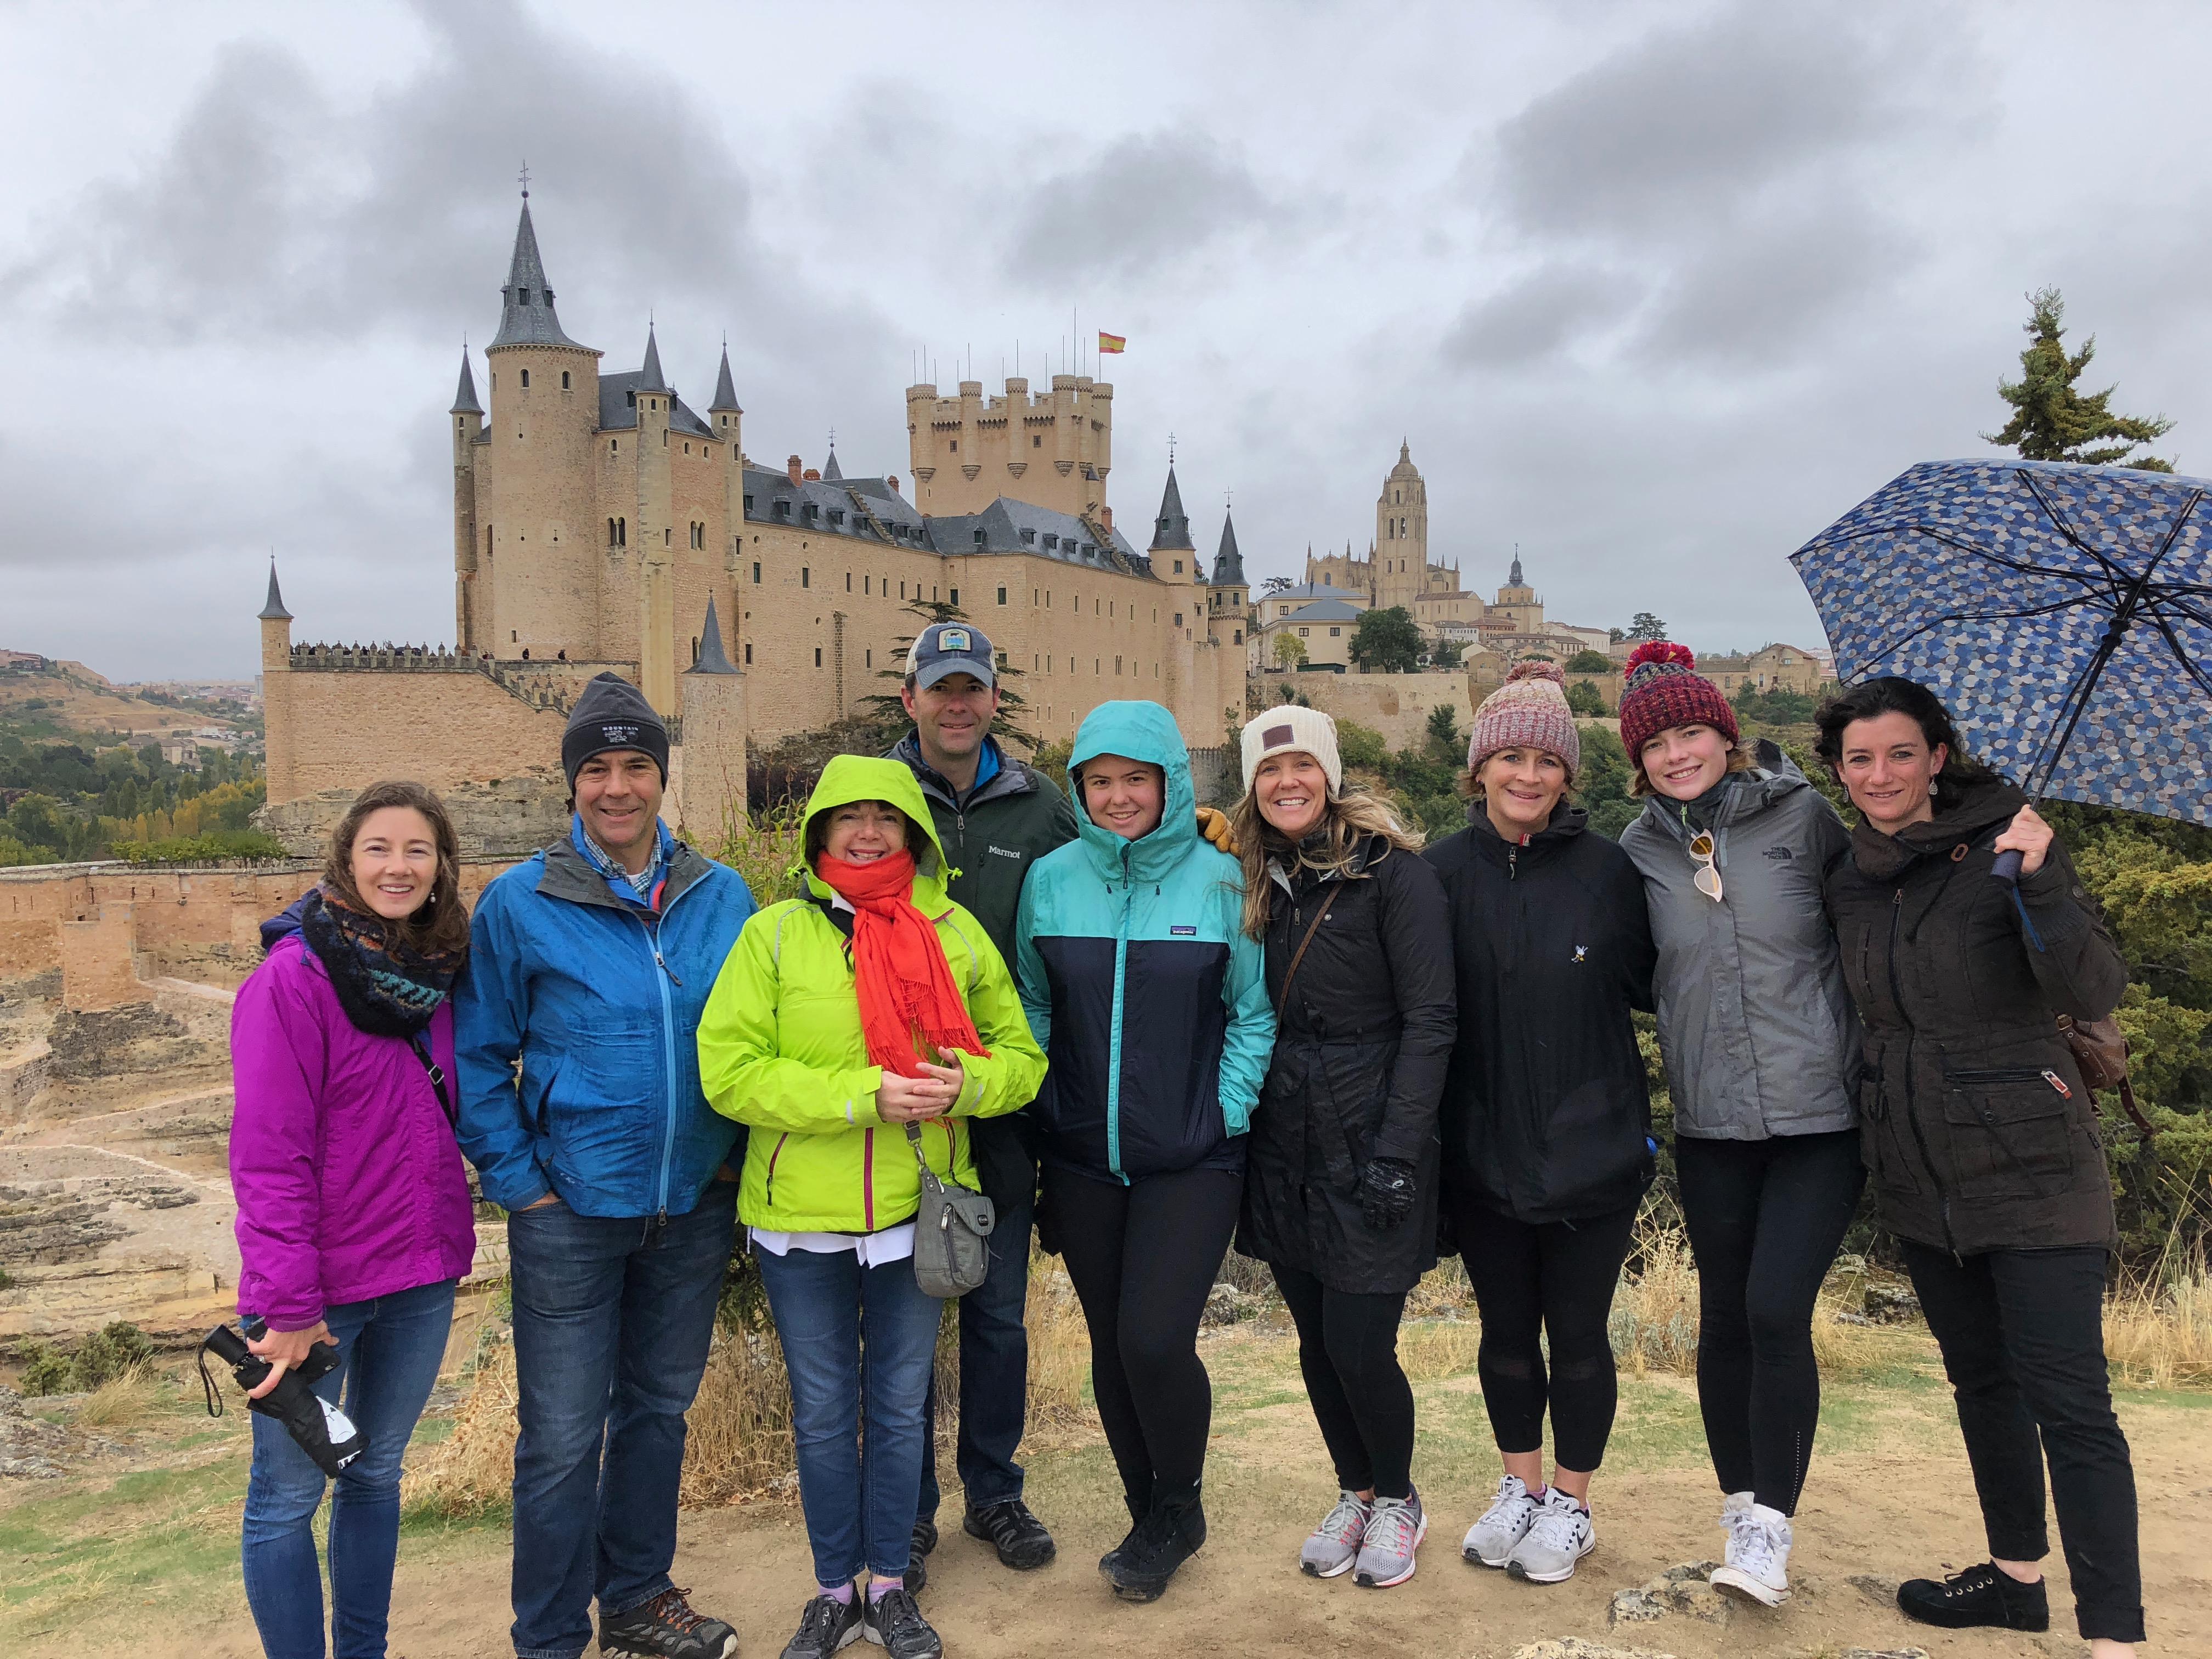 Proctor en Segovia family weekend activities.